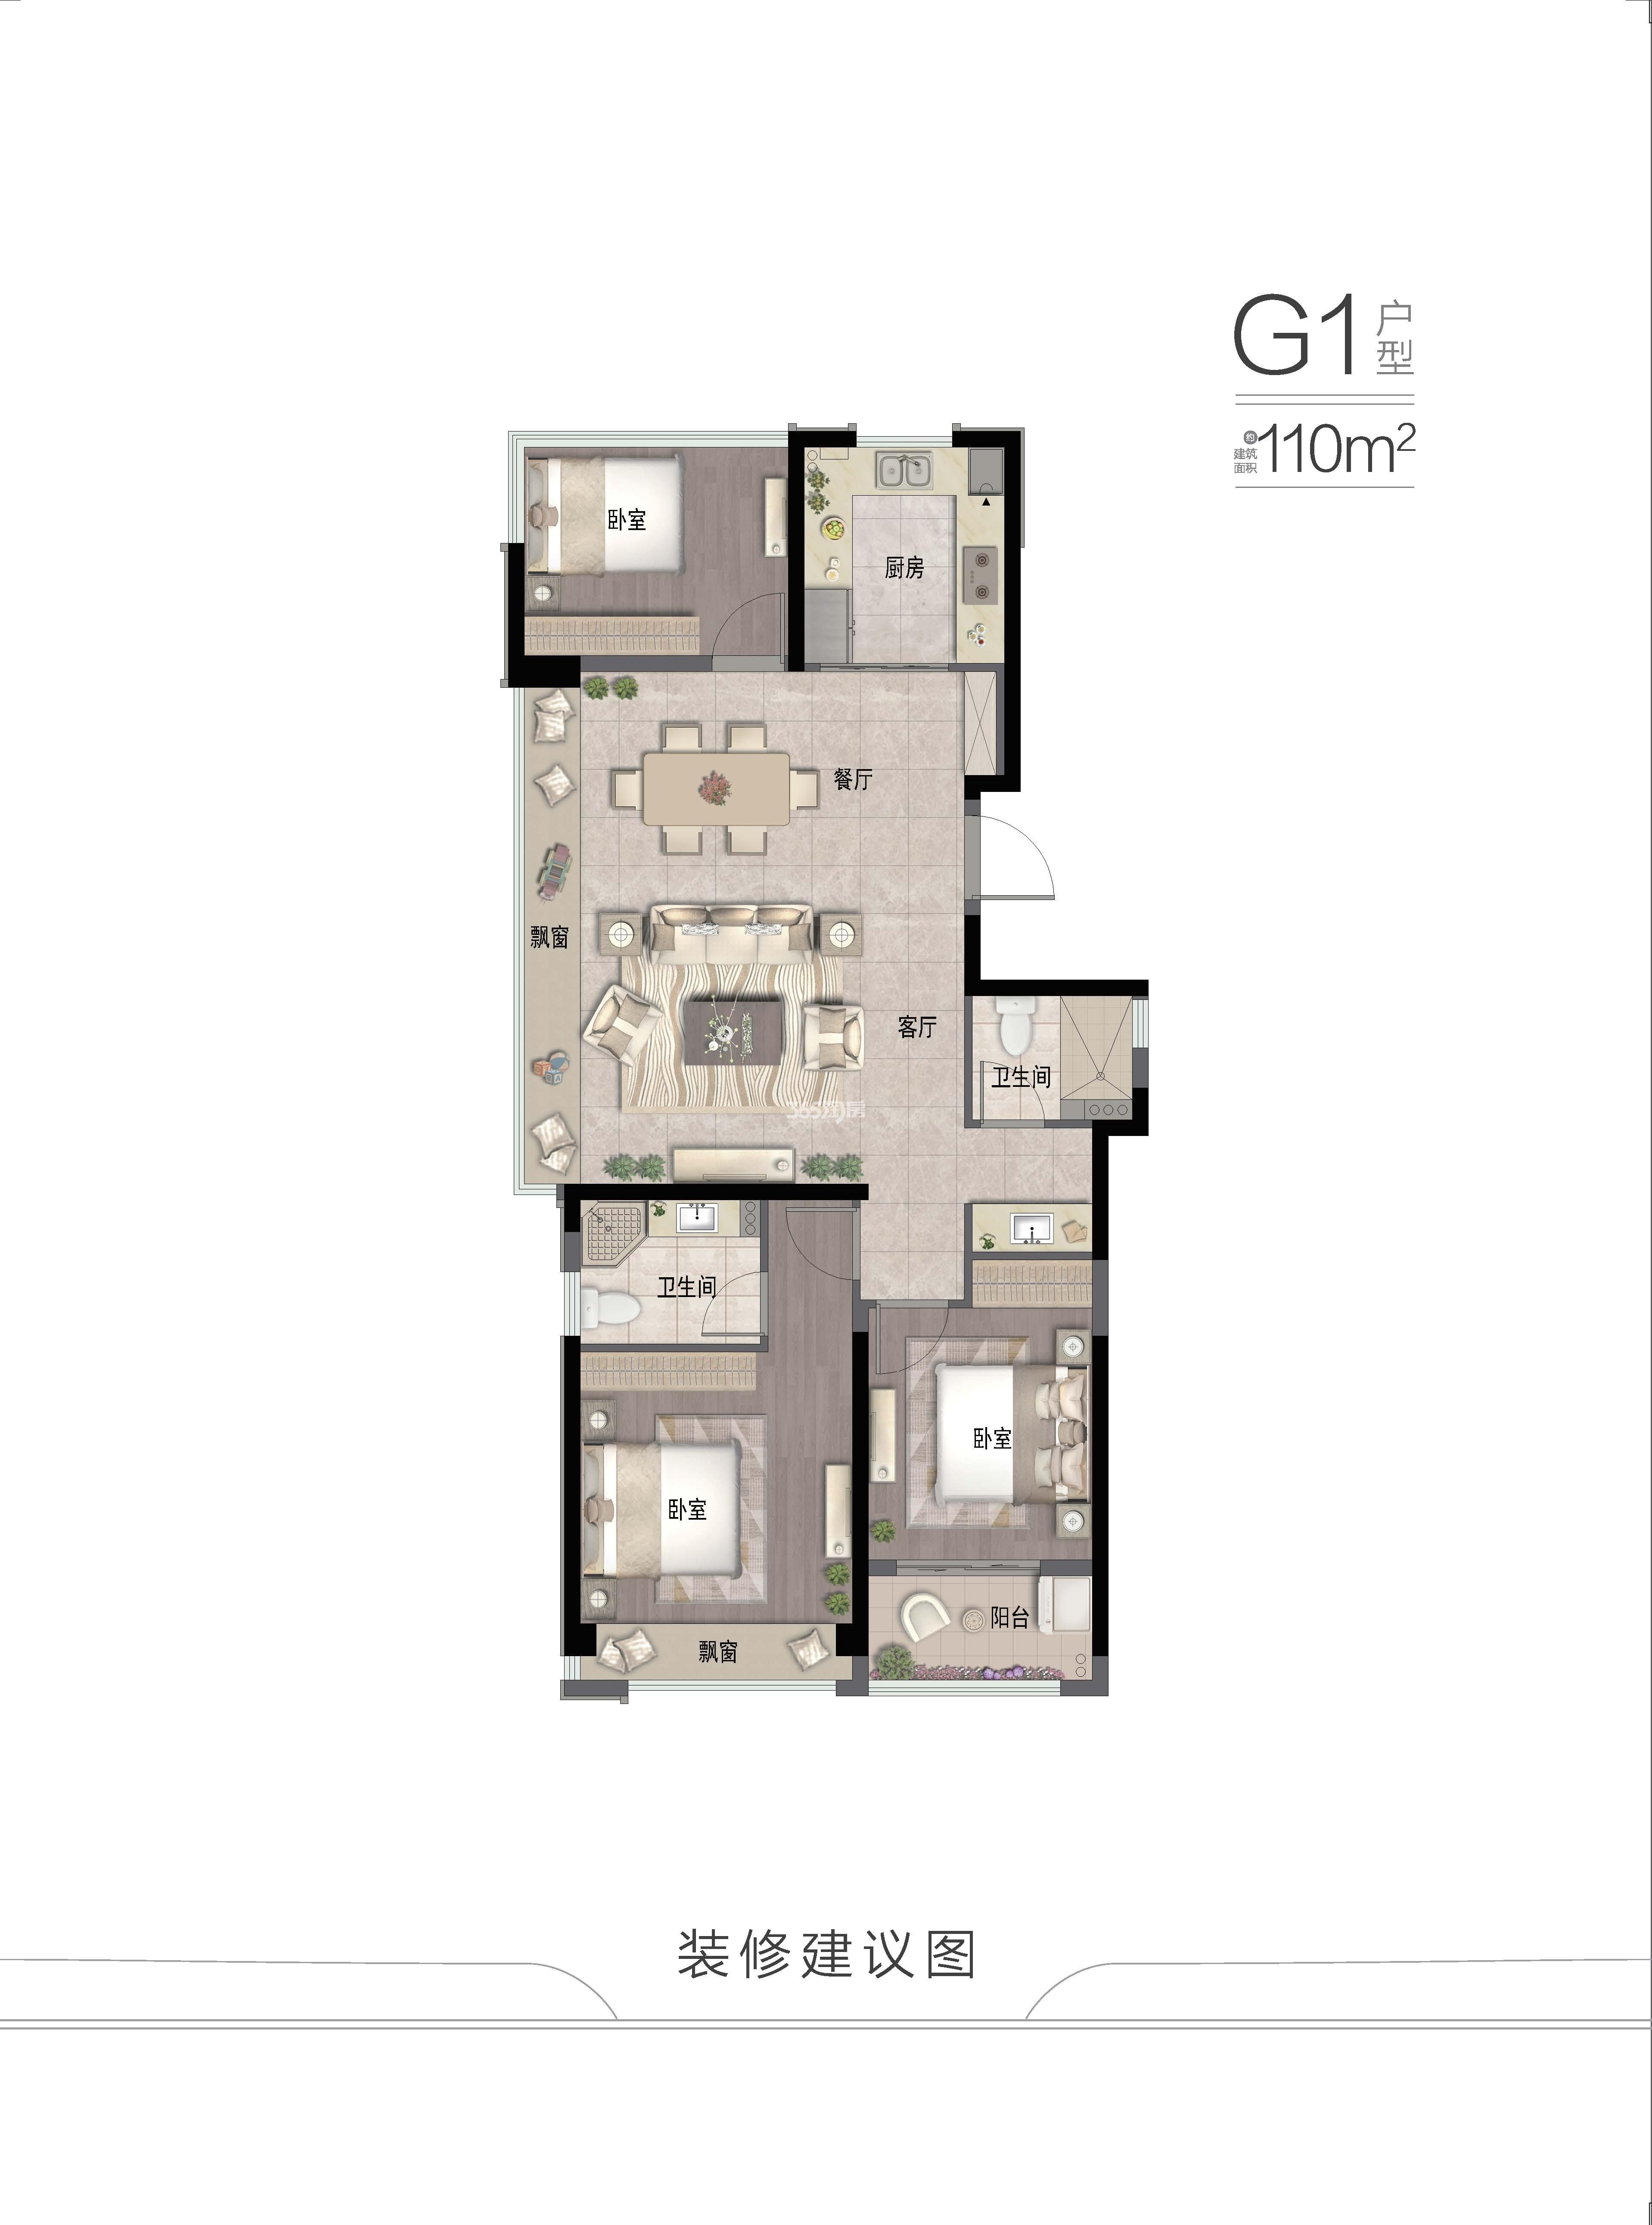 世纪金宸高层G1户型110方装修建议图